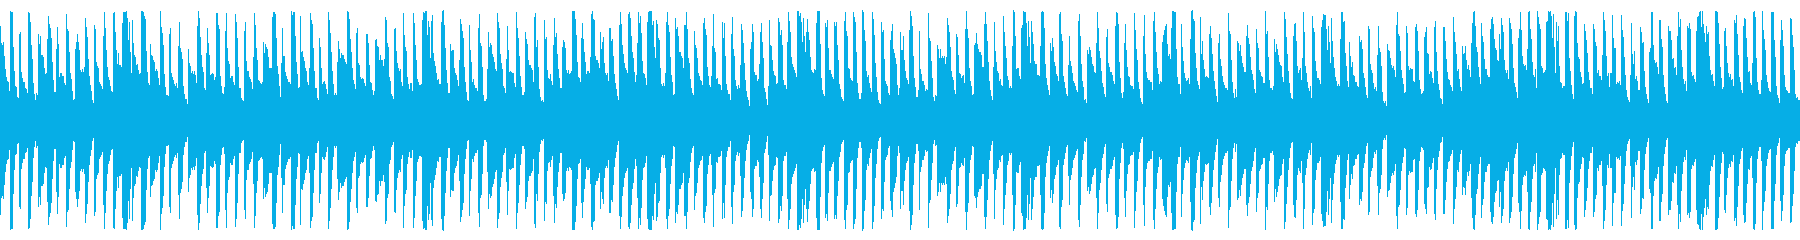 【リズムベース抜き】明るく爽やかなPR動の再生済みの波形